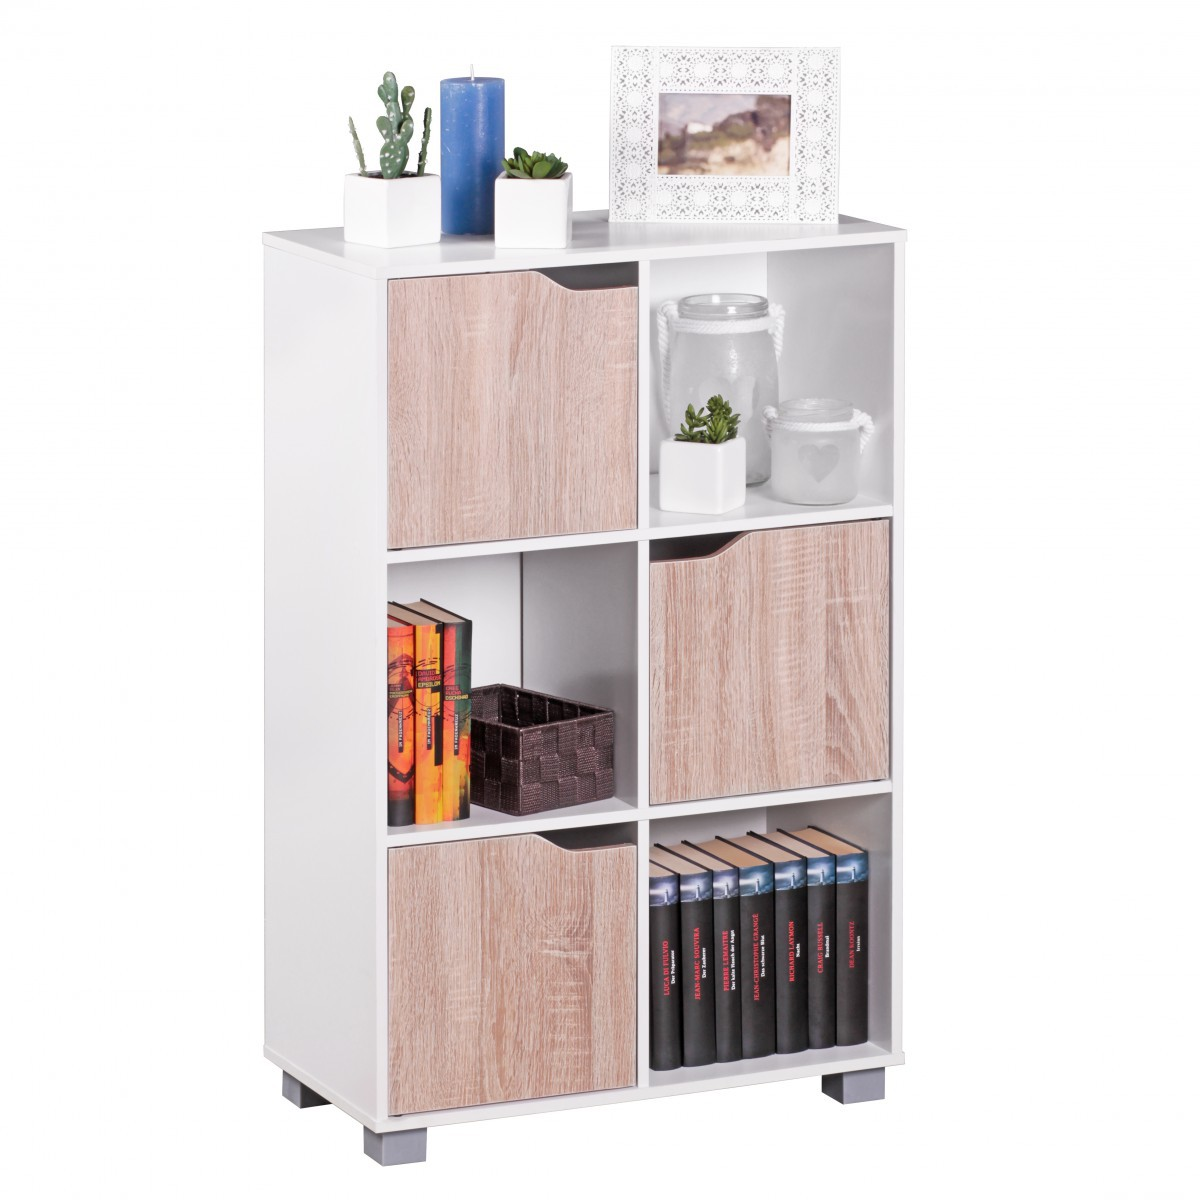 FineBuy Design Bücherregal Modern Holz Weiß Mit Türen Sonoma Eiche  Standregal Freistehend 6 Fächer 60 X 90 X 30 Cm 42860